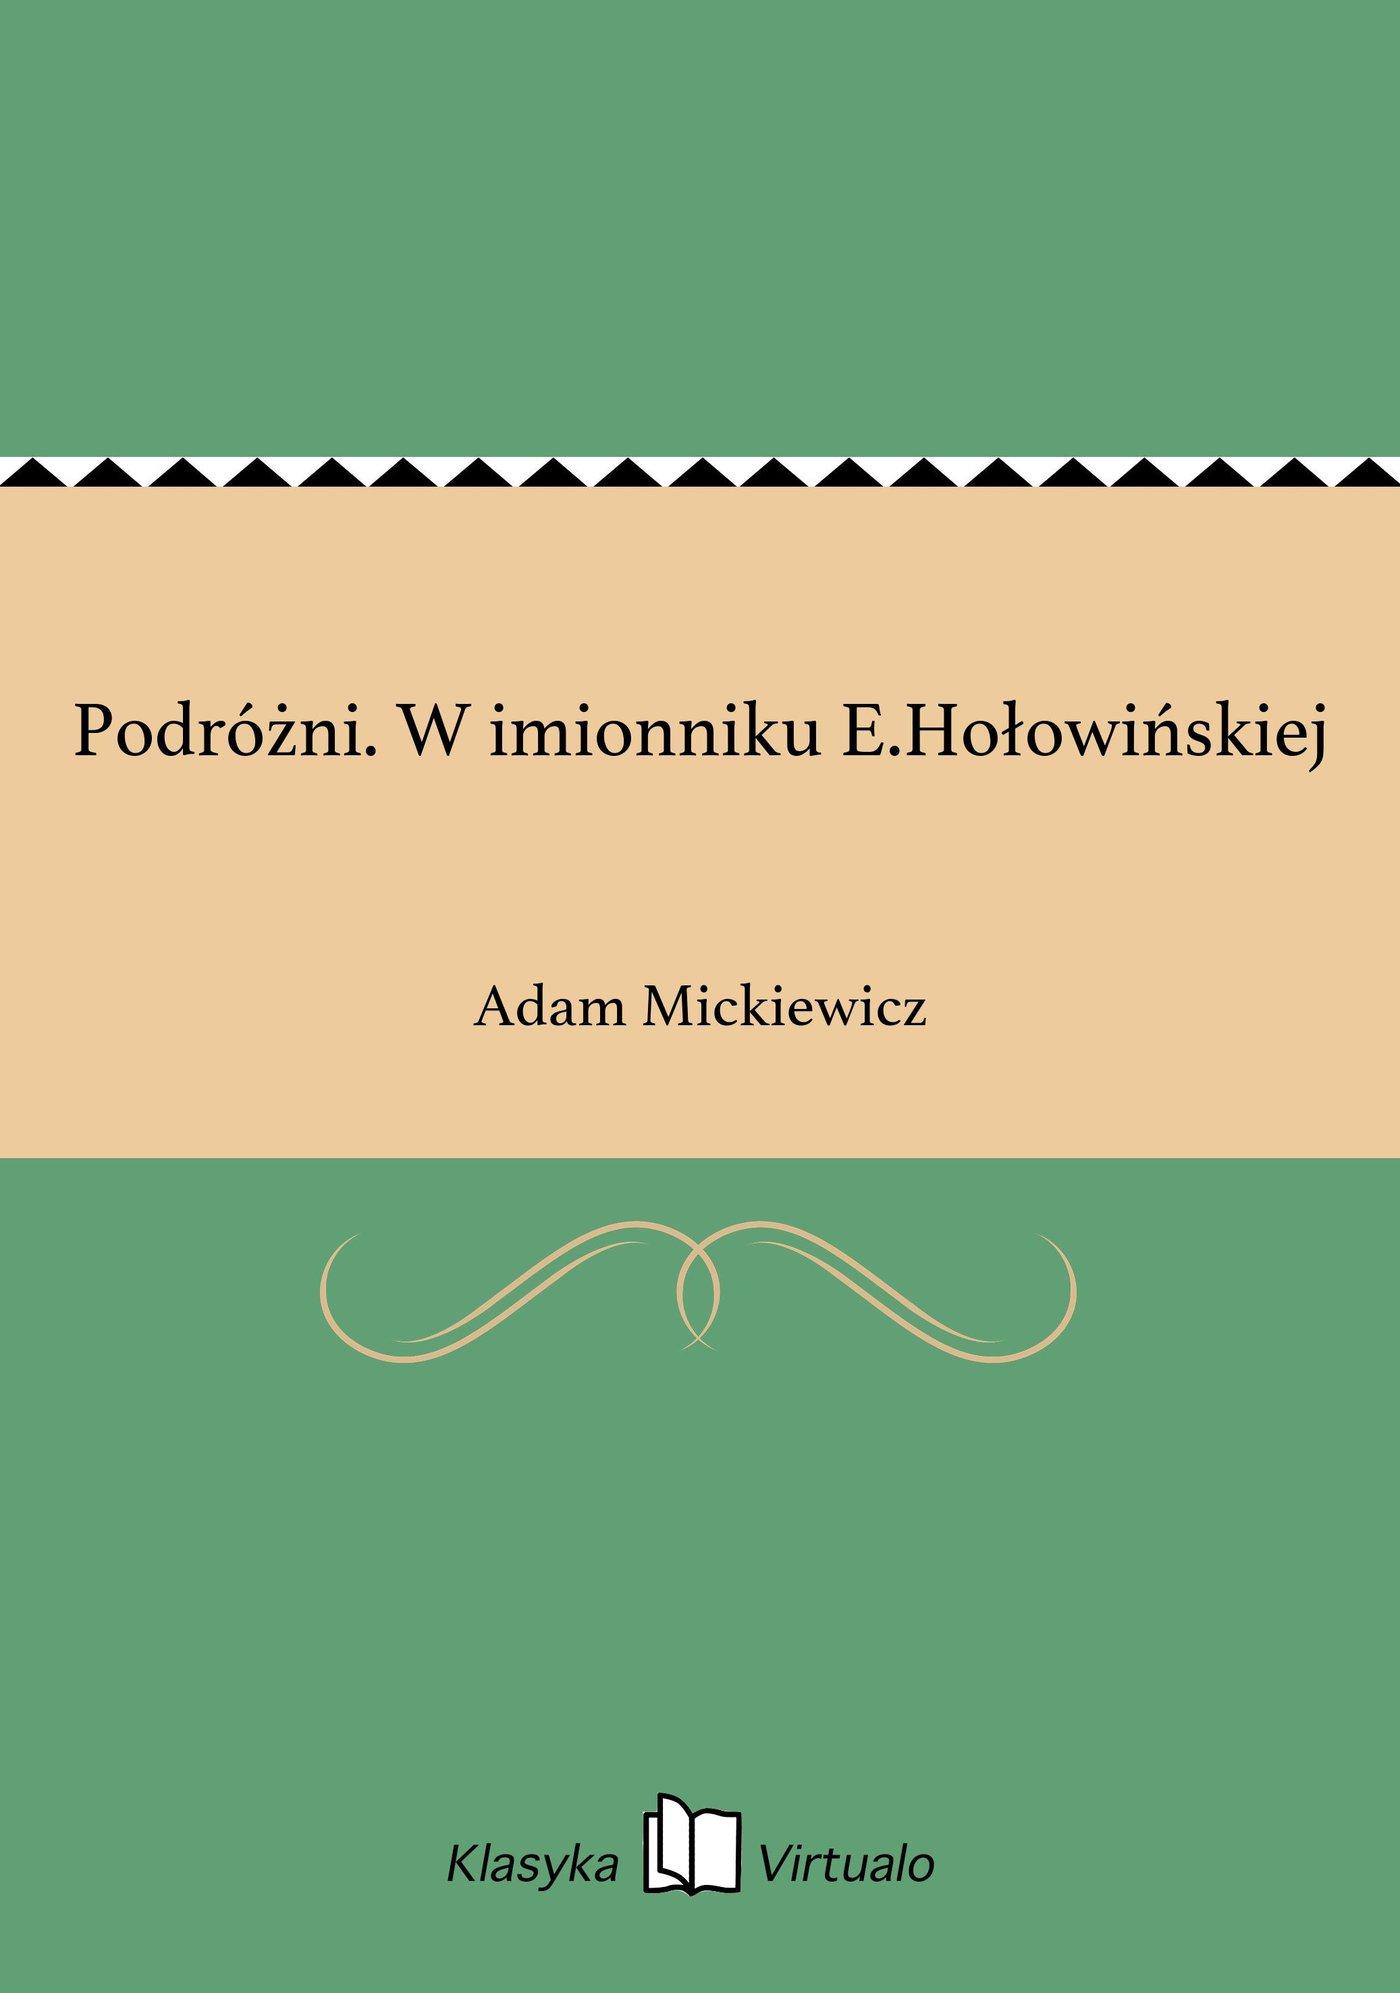 Podróżni. W imionniku E.Hołowińskiej - Ebook (Książka EPUB) do pobrania w formacie EPUB